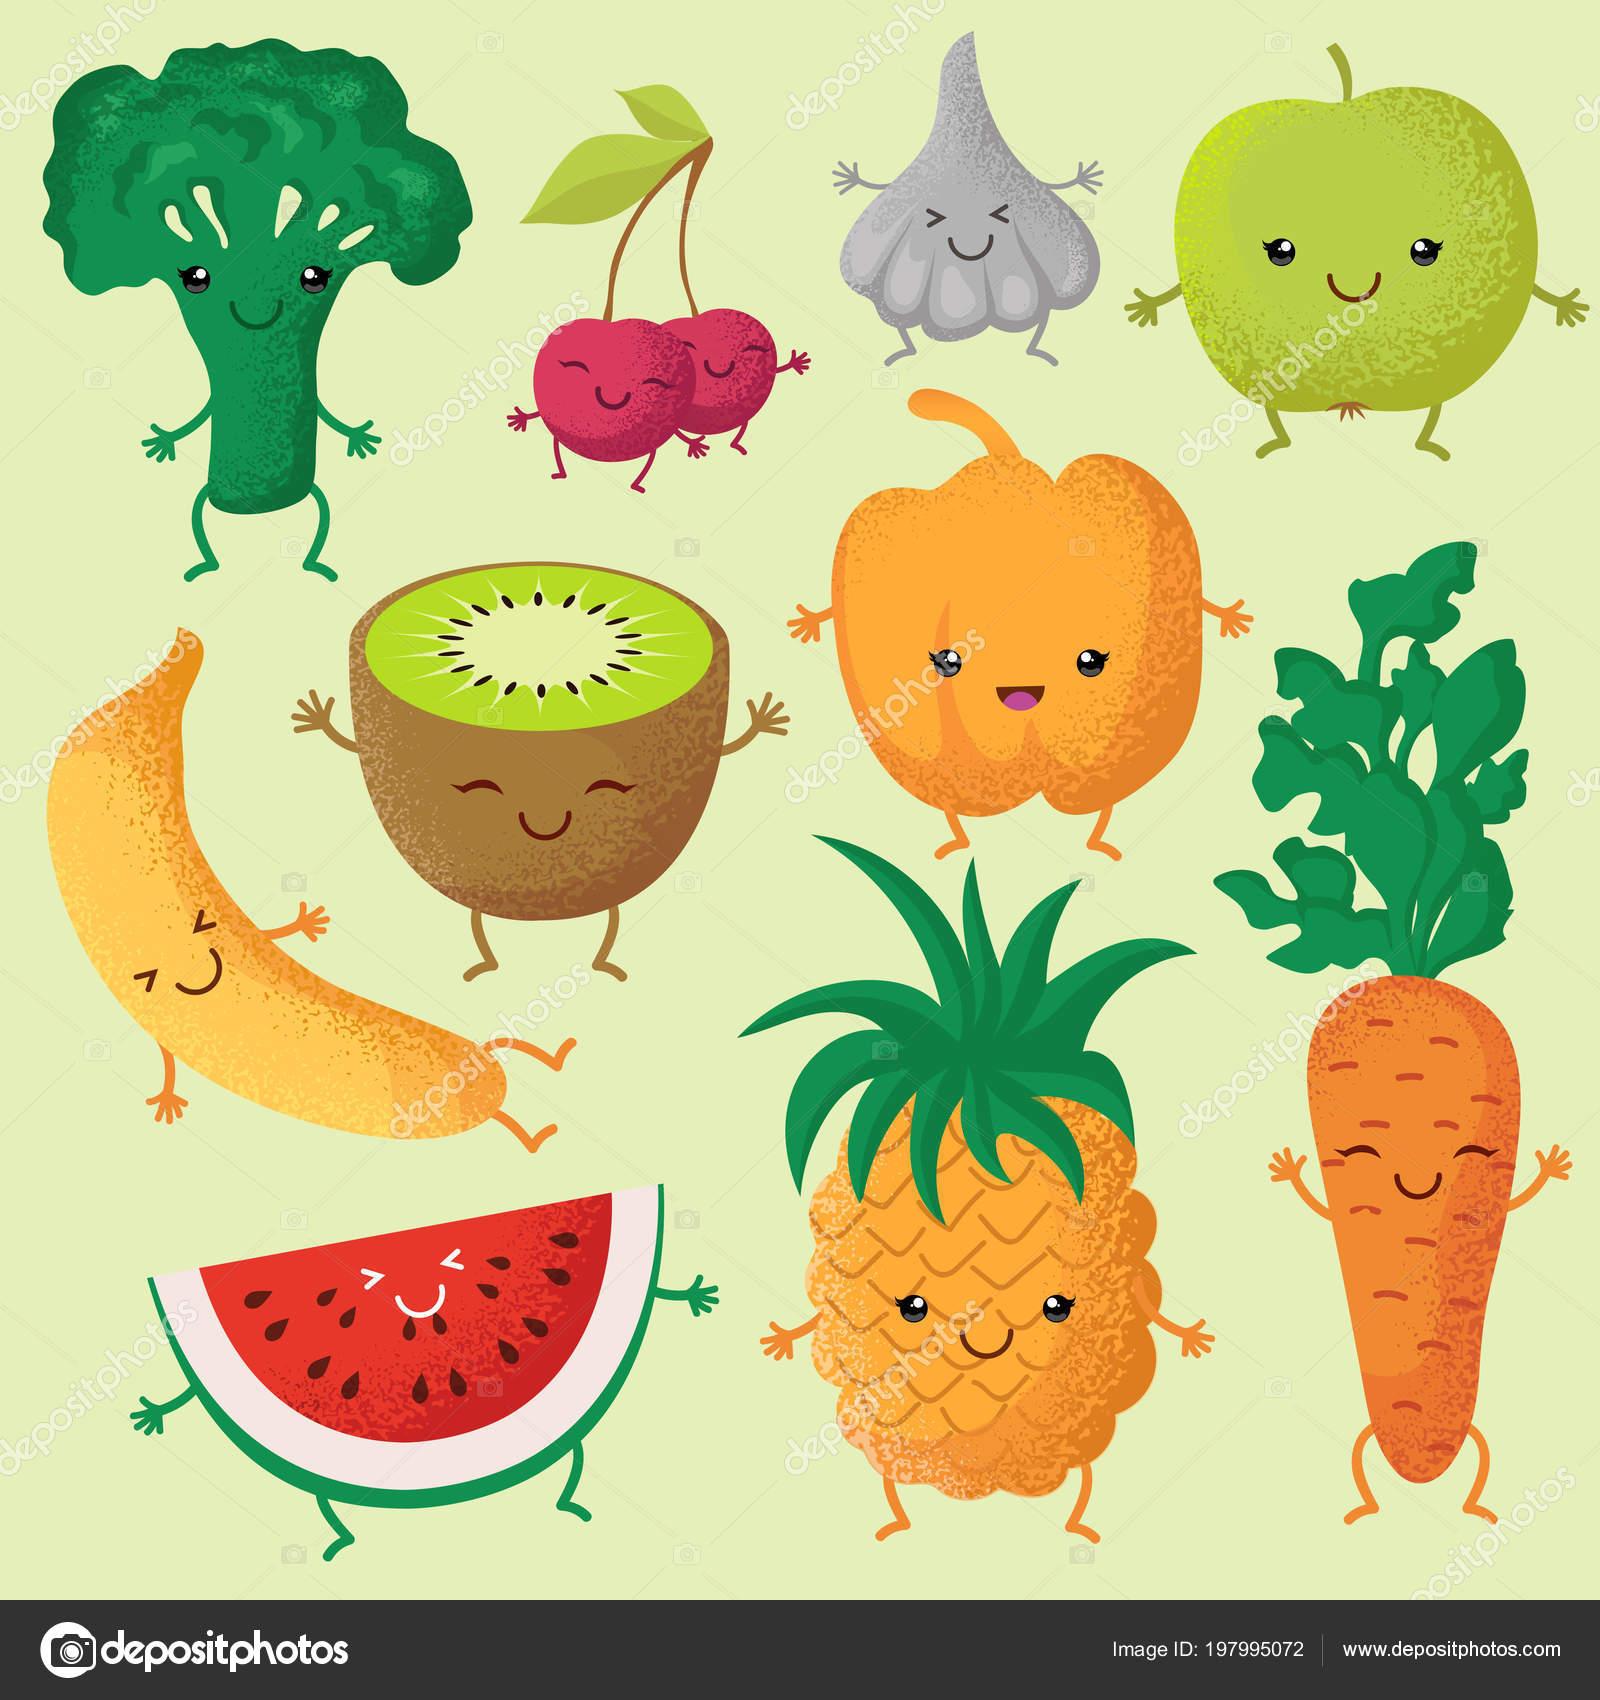 feliz de dibujos animados frutas y verduras con caras lindas